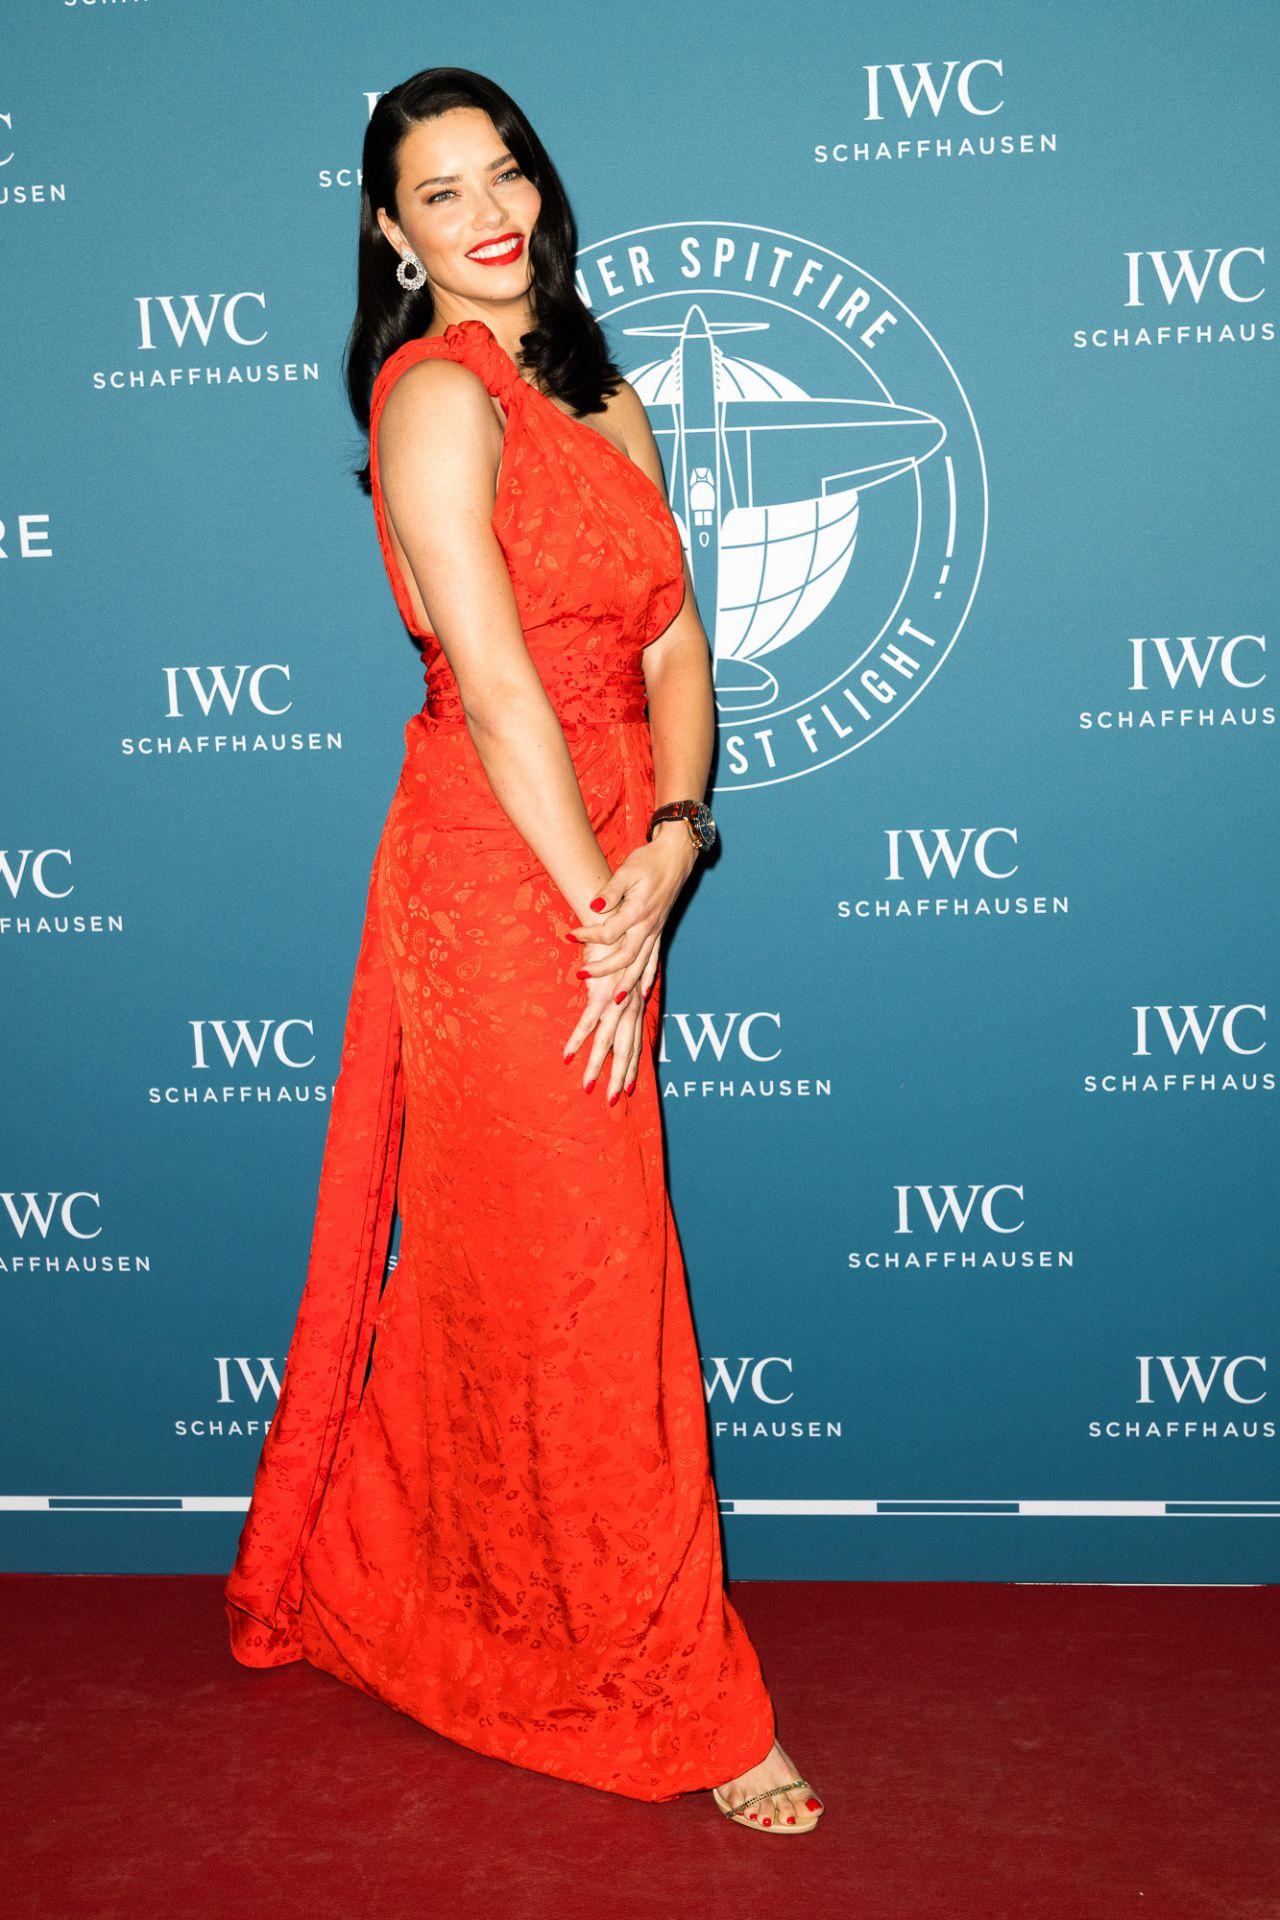 Adriana Lima Iwc Schaffhausen In Geneva 01 15 2019